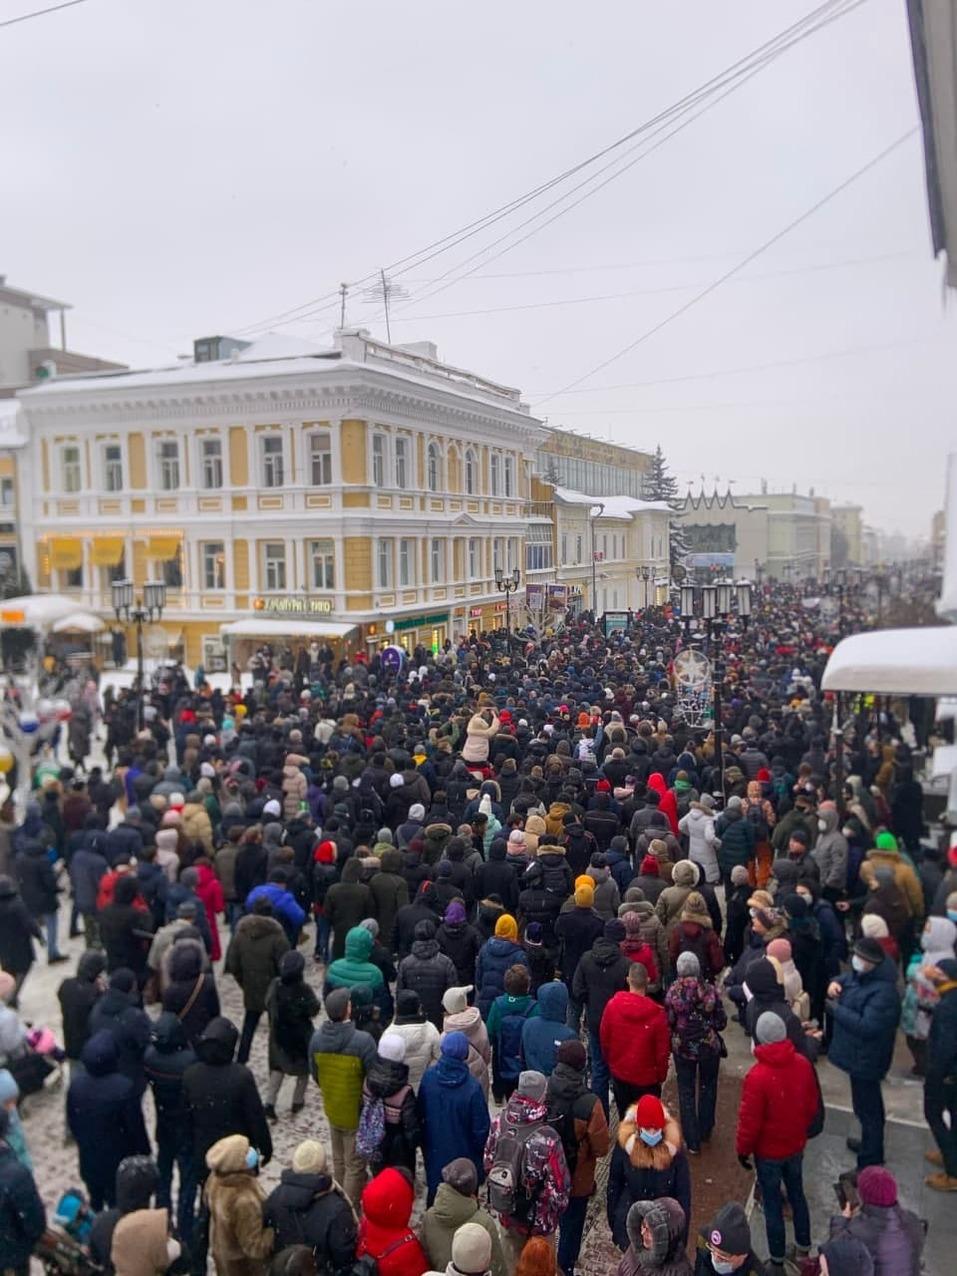 Около 2 тыс. человек вышли на акцию в поддержку Алексея Навального в Нижнем Новгороде 3